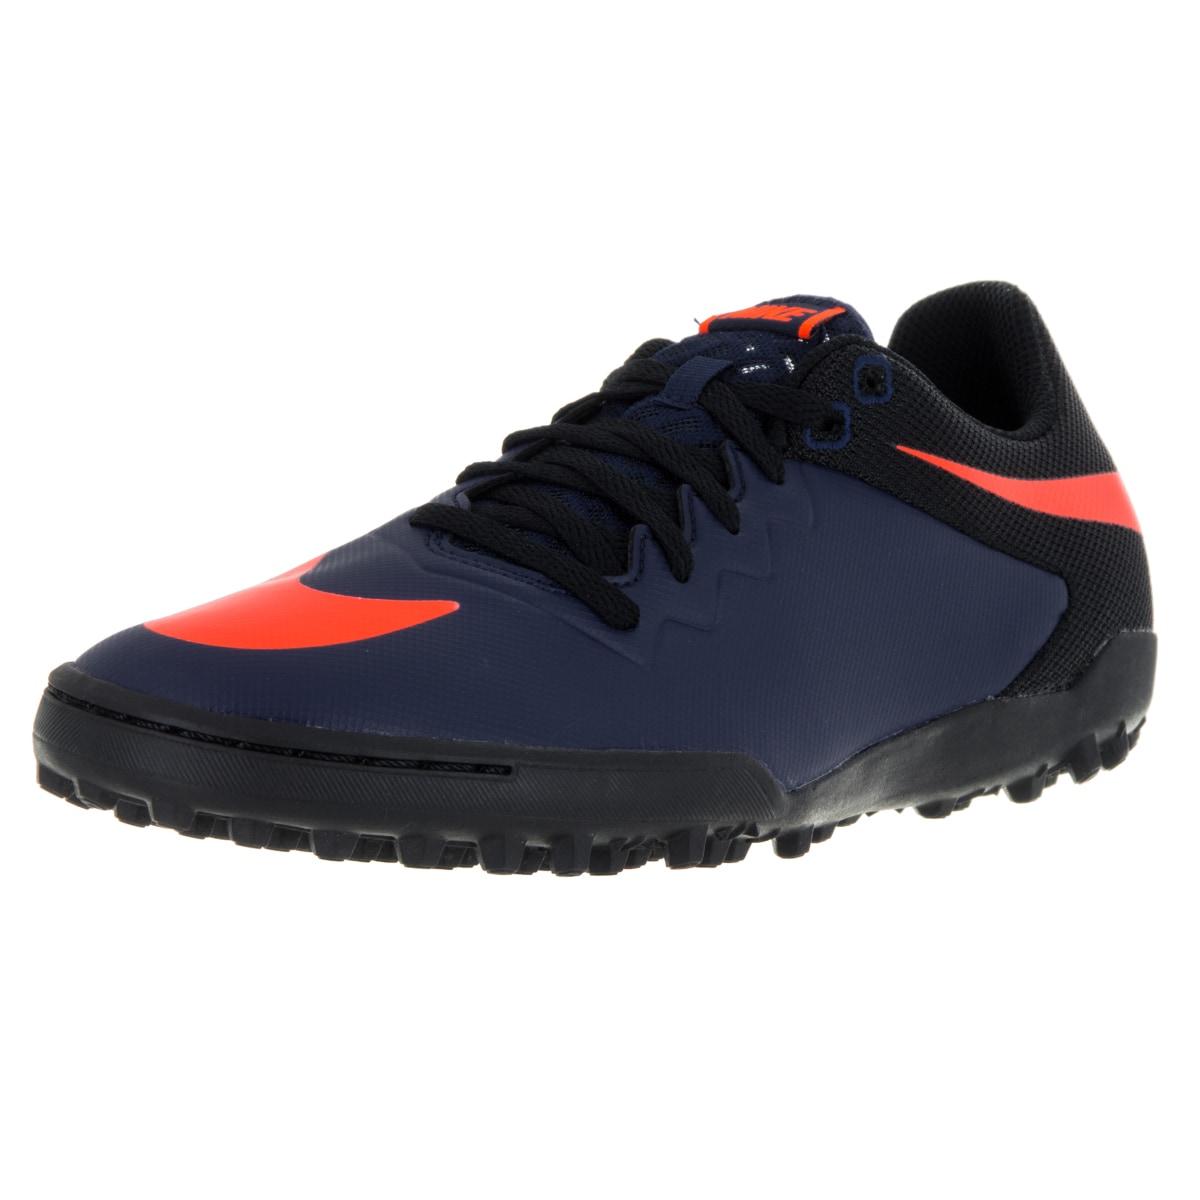 Nike Men's Hypervenomx Pro Tf Mid Navy/Orange/Black/Gm Lg...